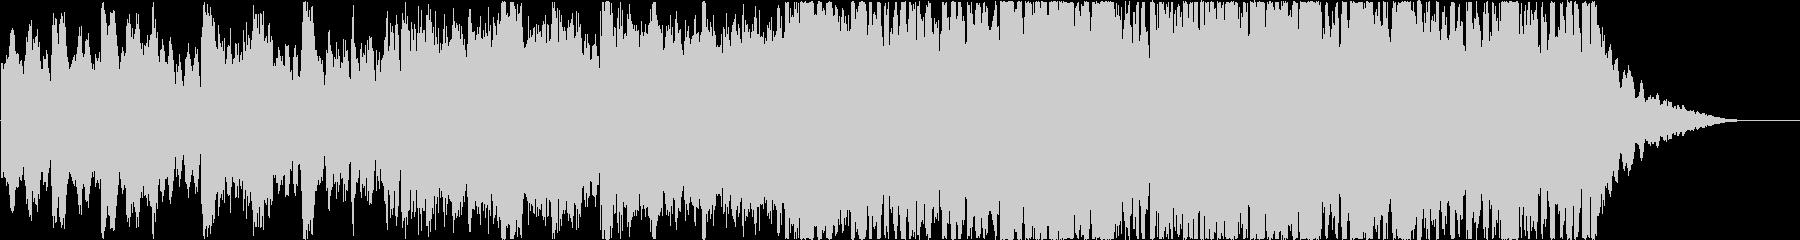 【30秒】優しく感動的なポップオーケストの未再生の波形